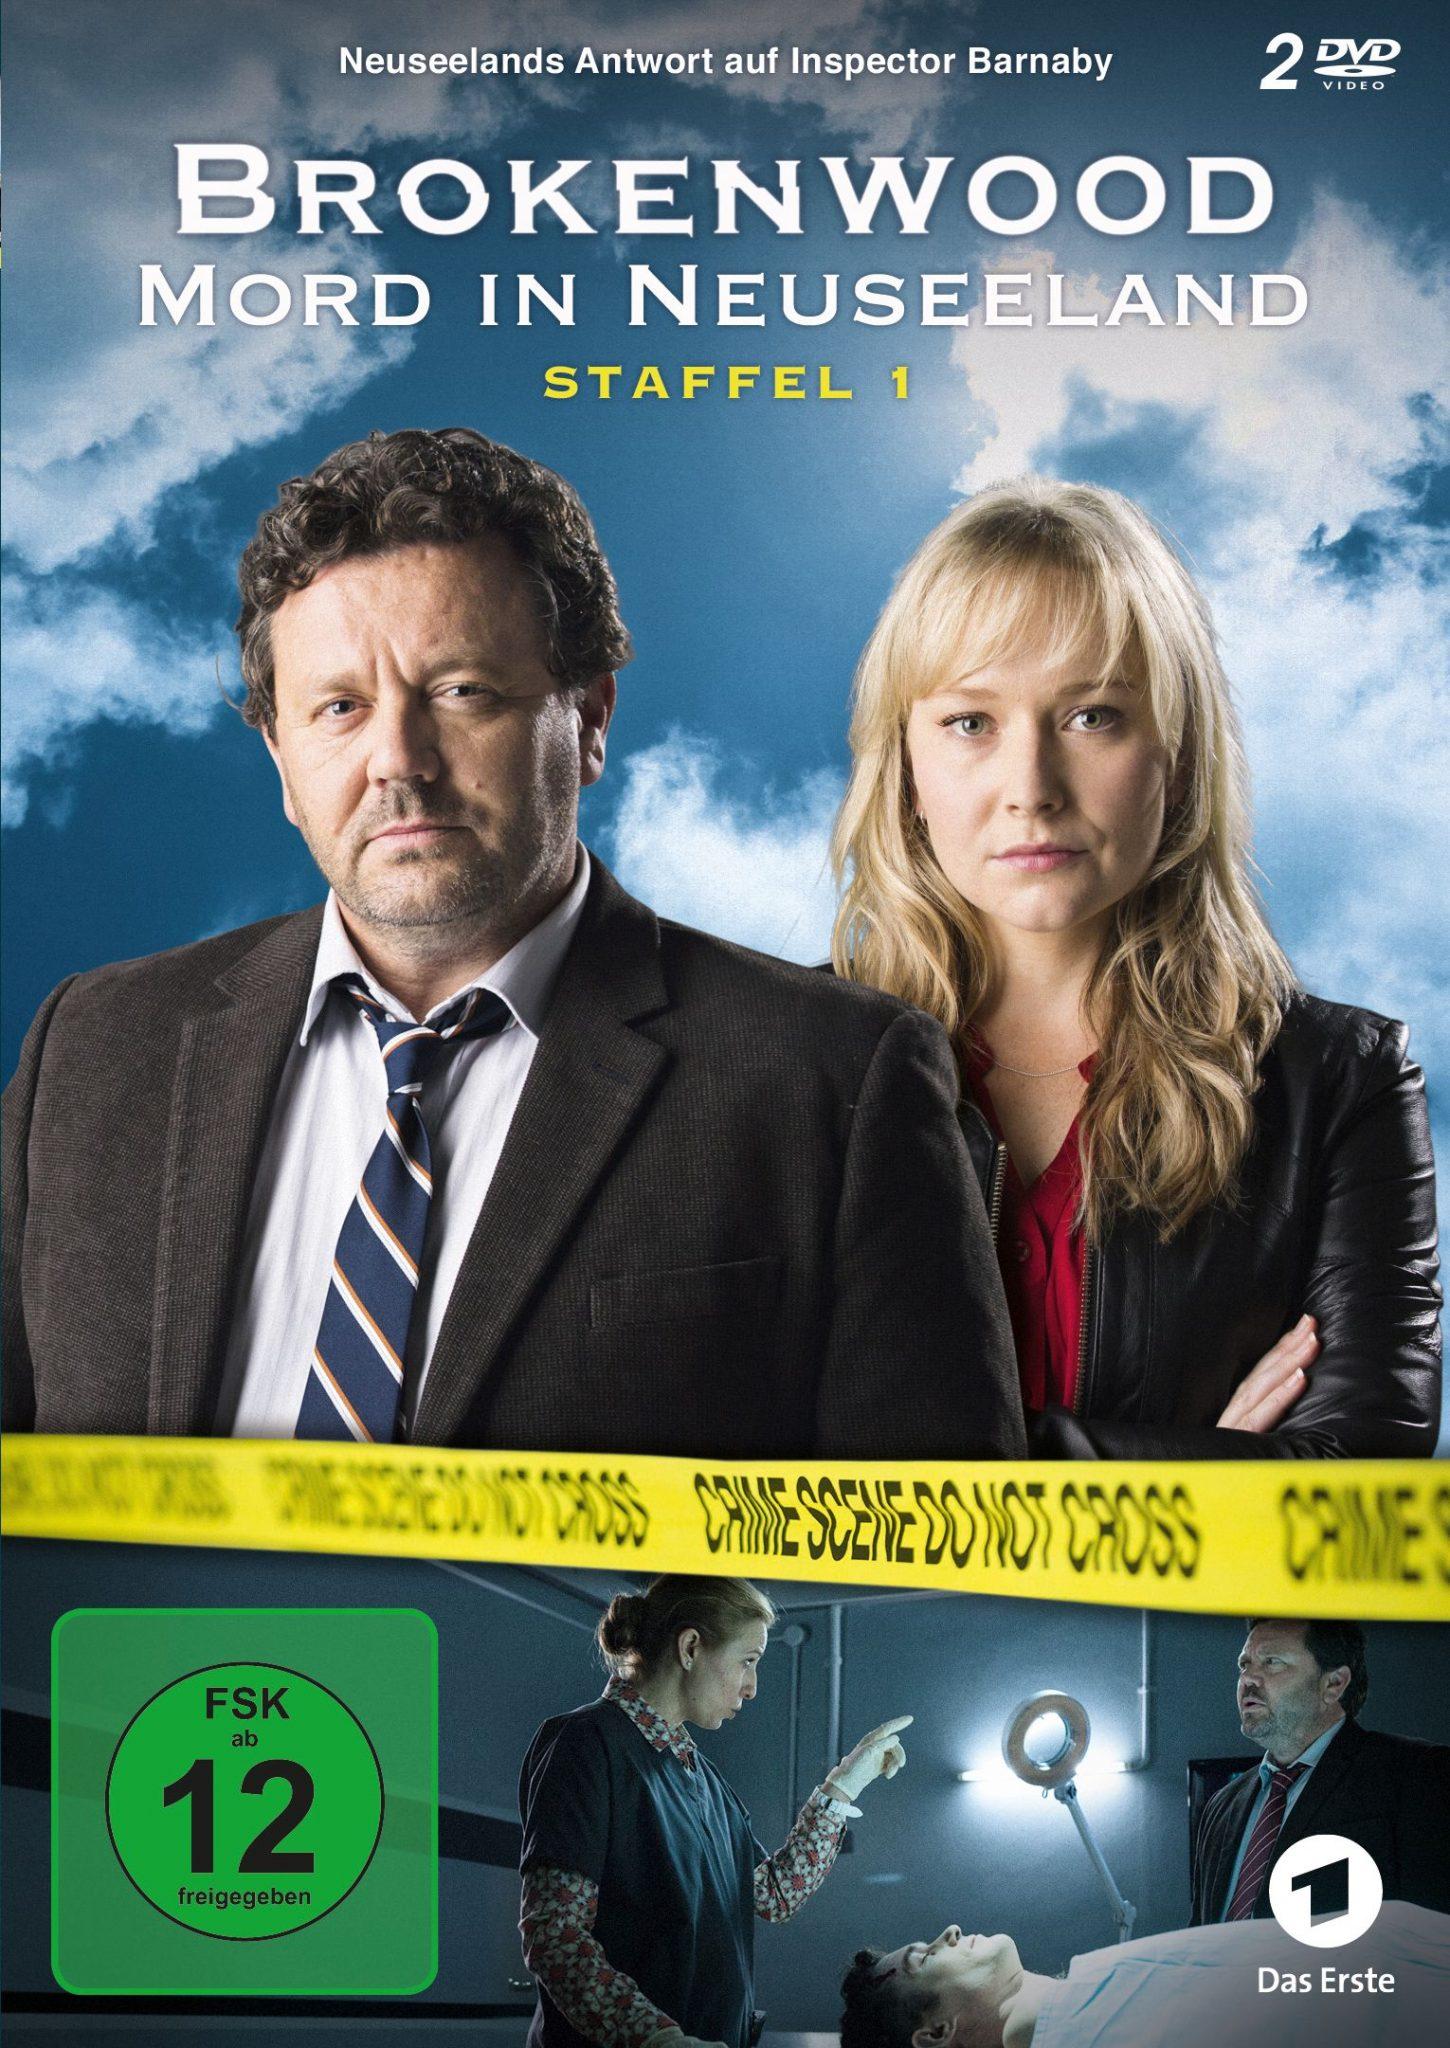 Brokenwood - Mord in Neuseeland DVD Staffel 1